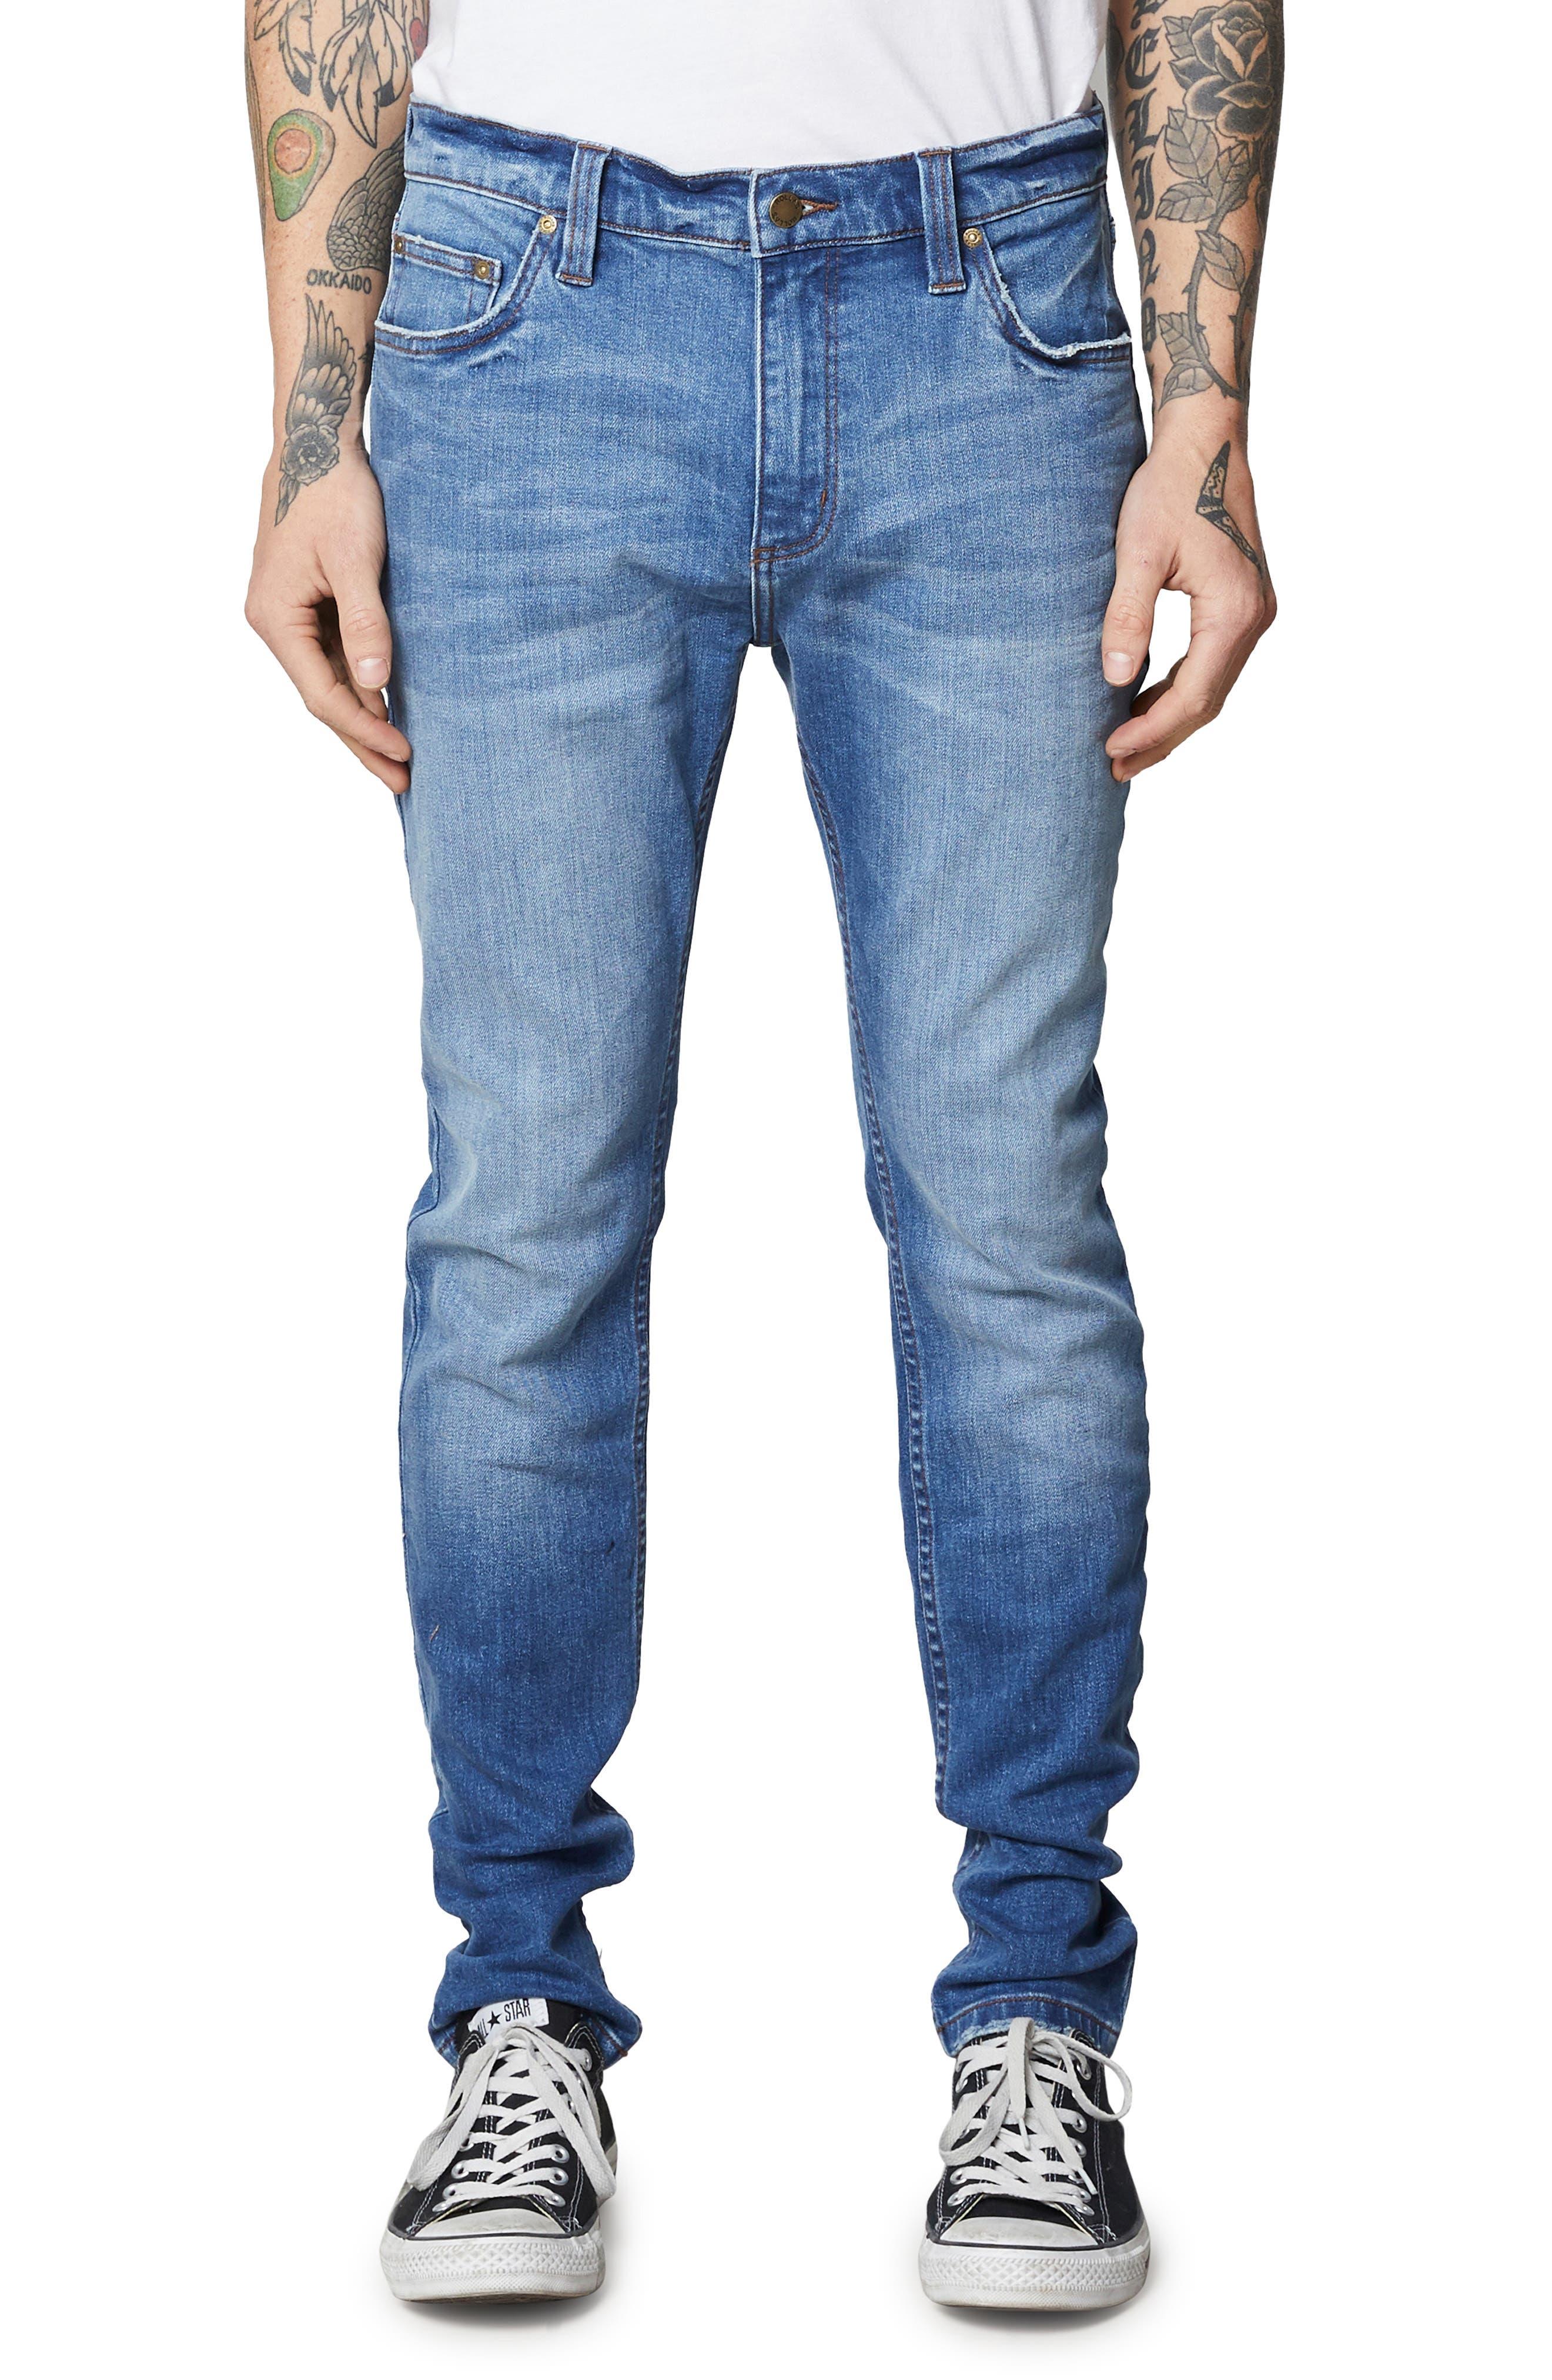 Stinger Skinny Fit Jeans,                         Main,                         color, HOMESPUN CRUSH